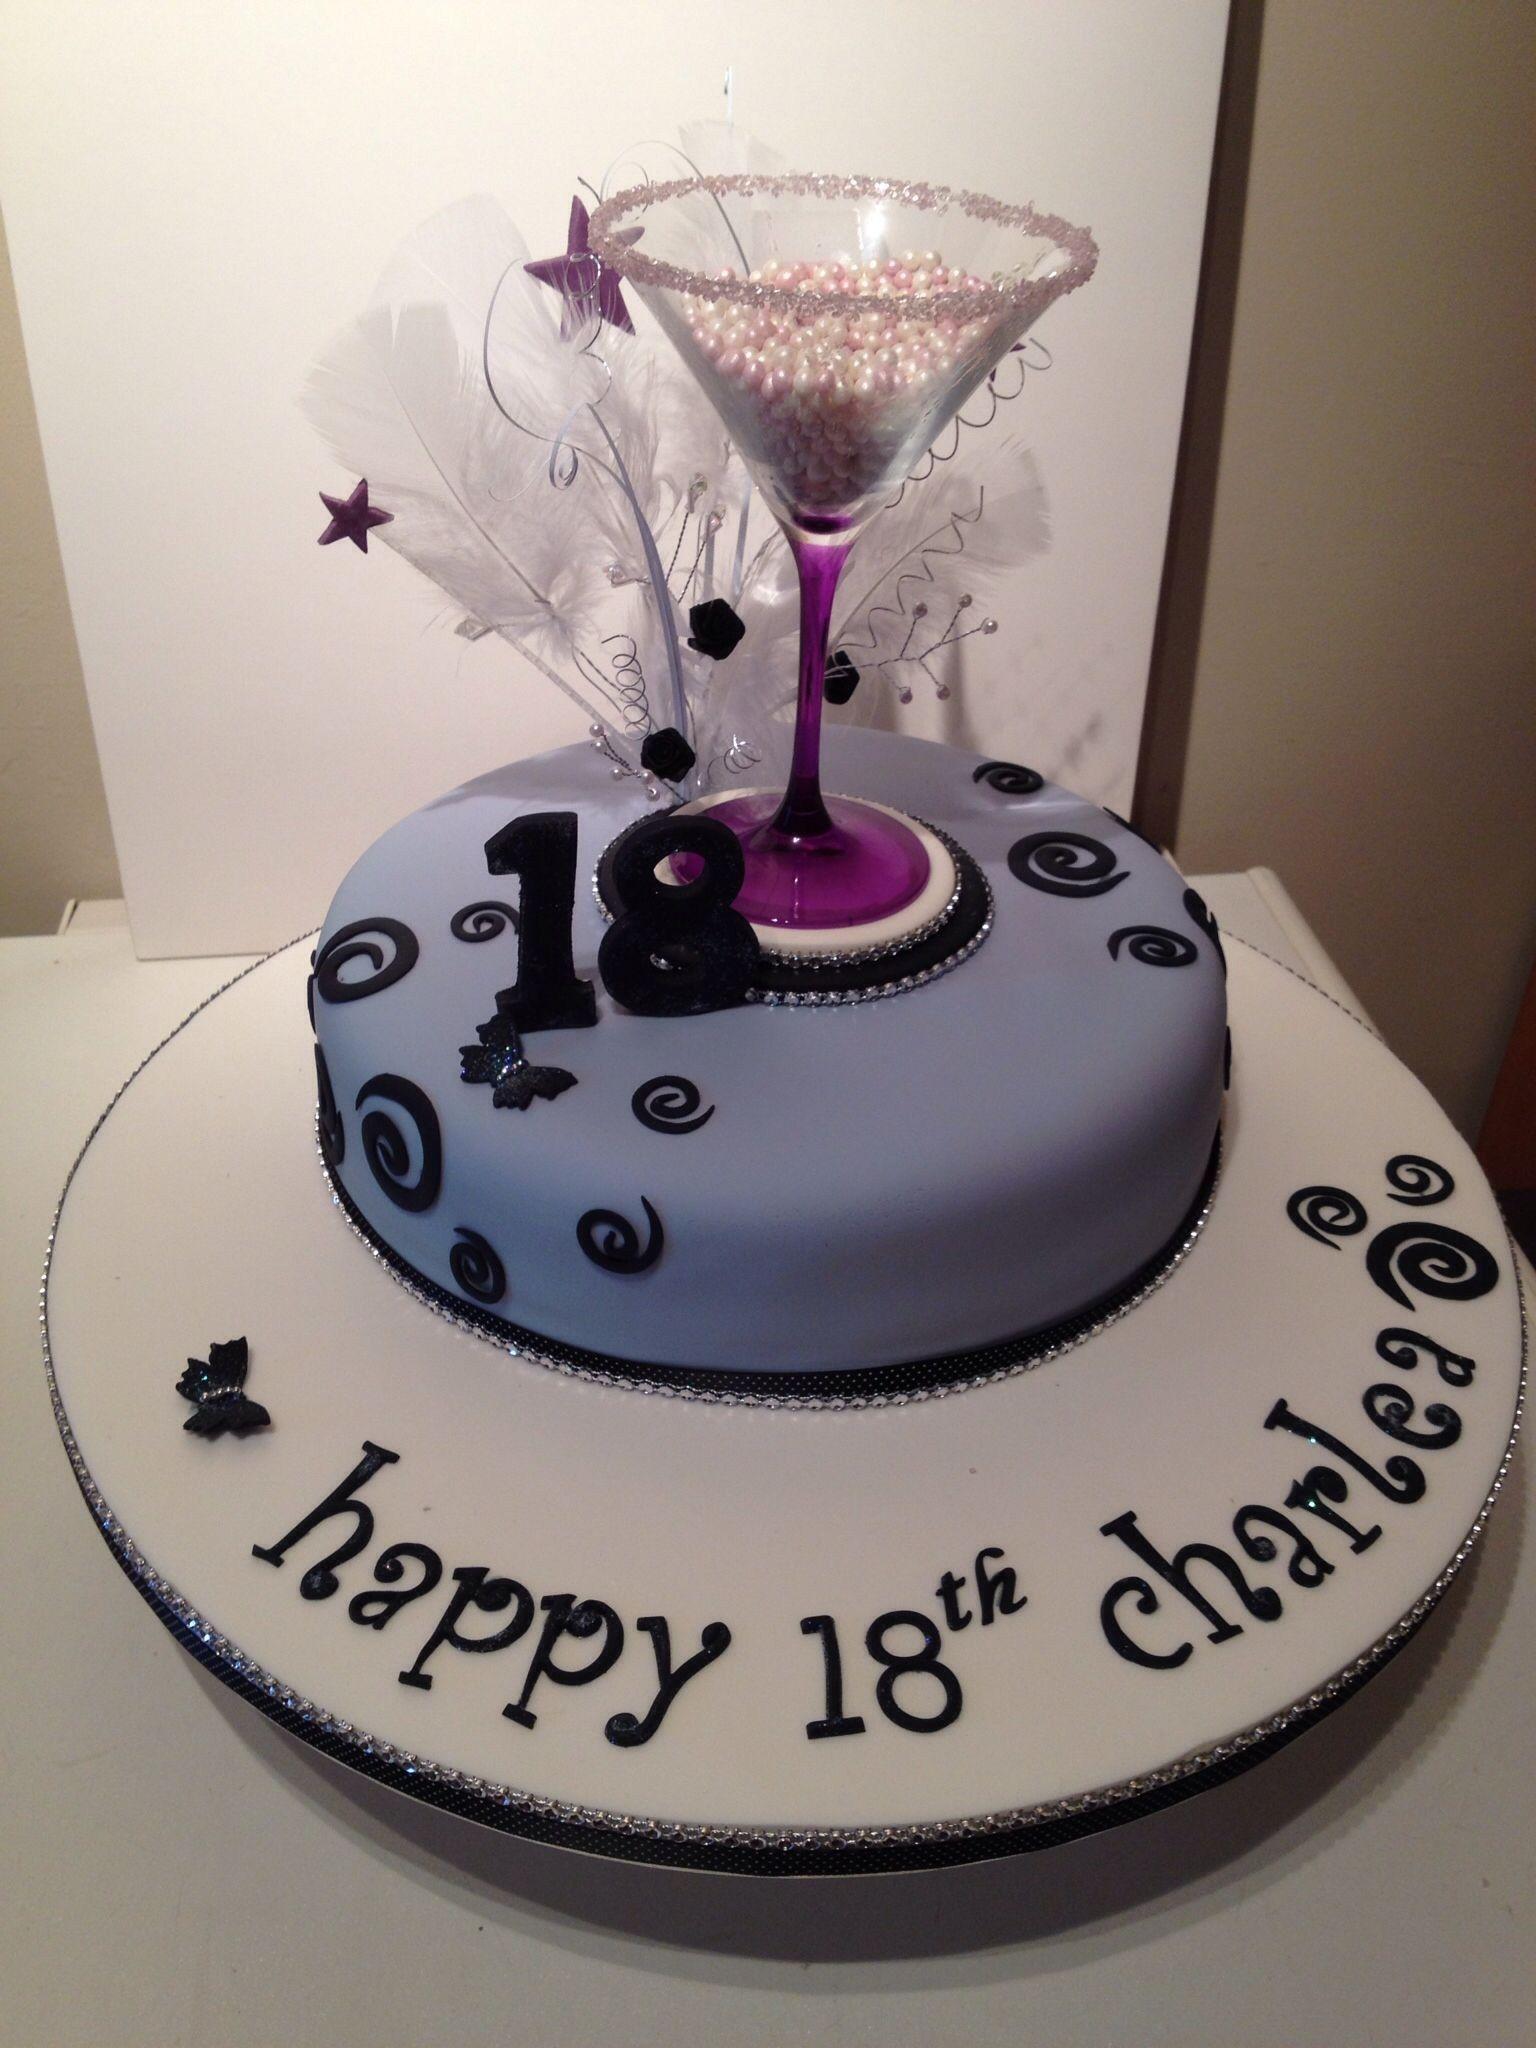 Female 18th Birthday Cake : female, birthday, Birthday, Recipes, Pinterest, Albanysinsanity.com, Cake,, Girls,, Special, Cakes